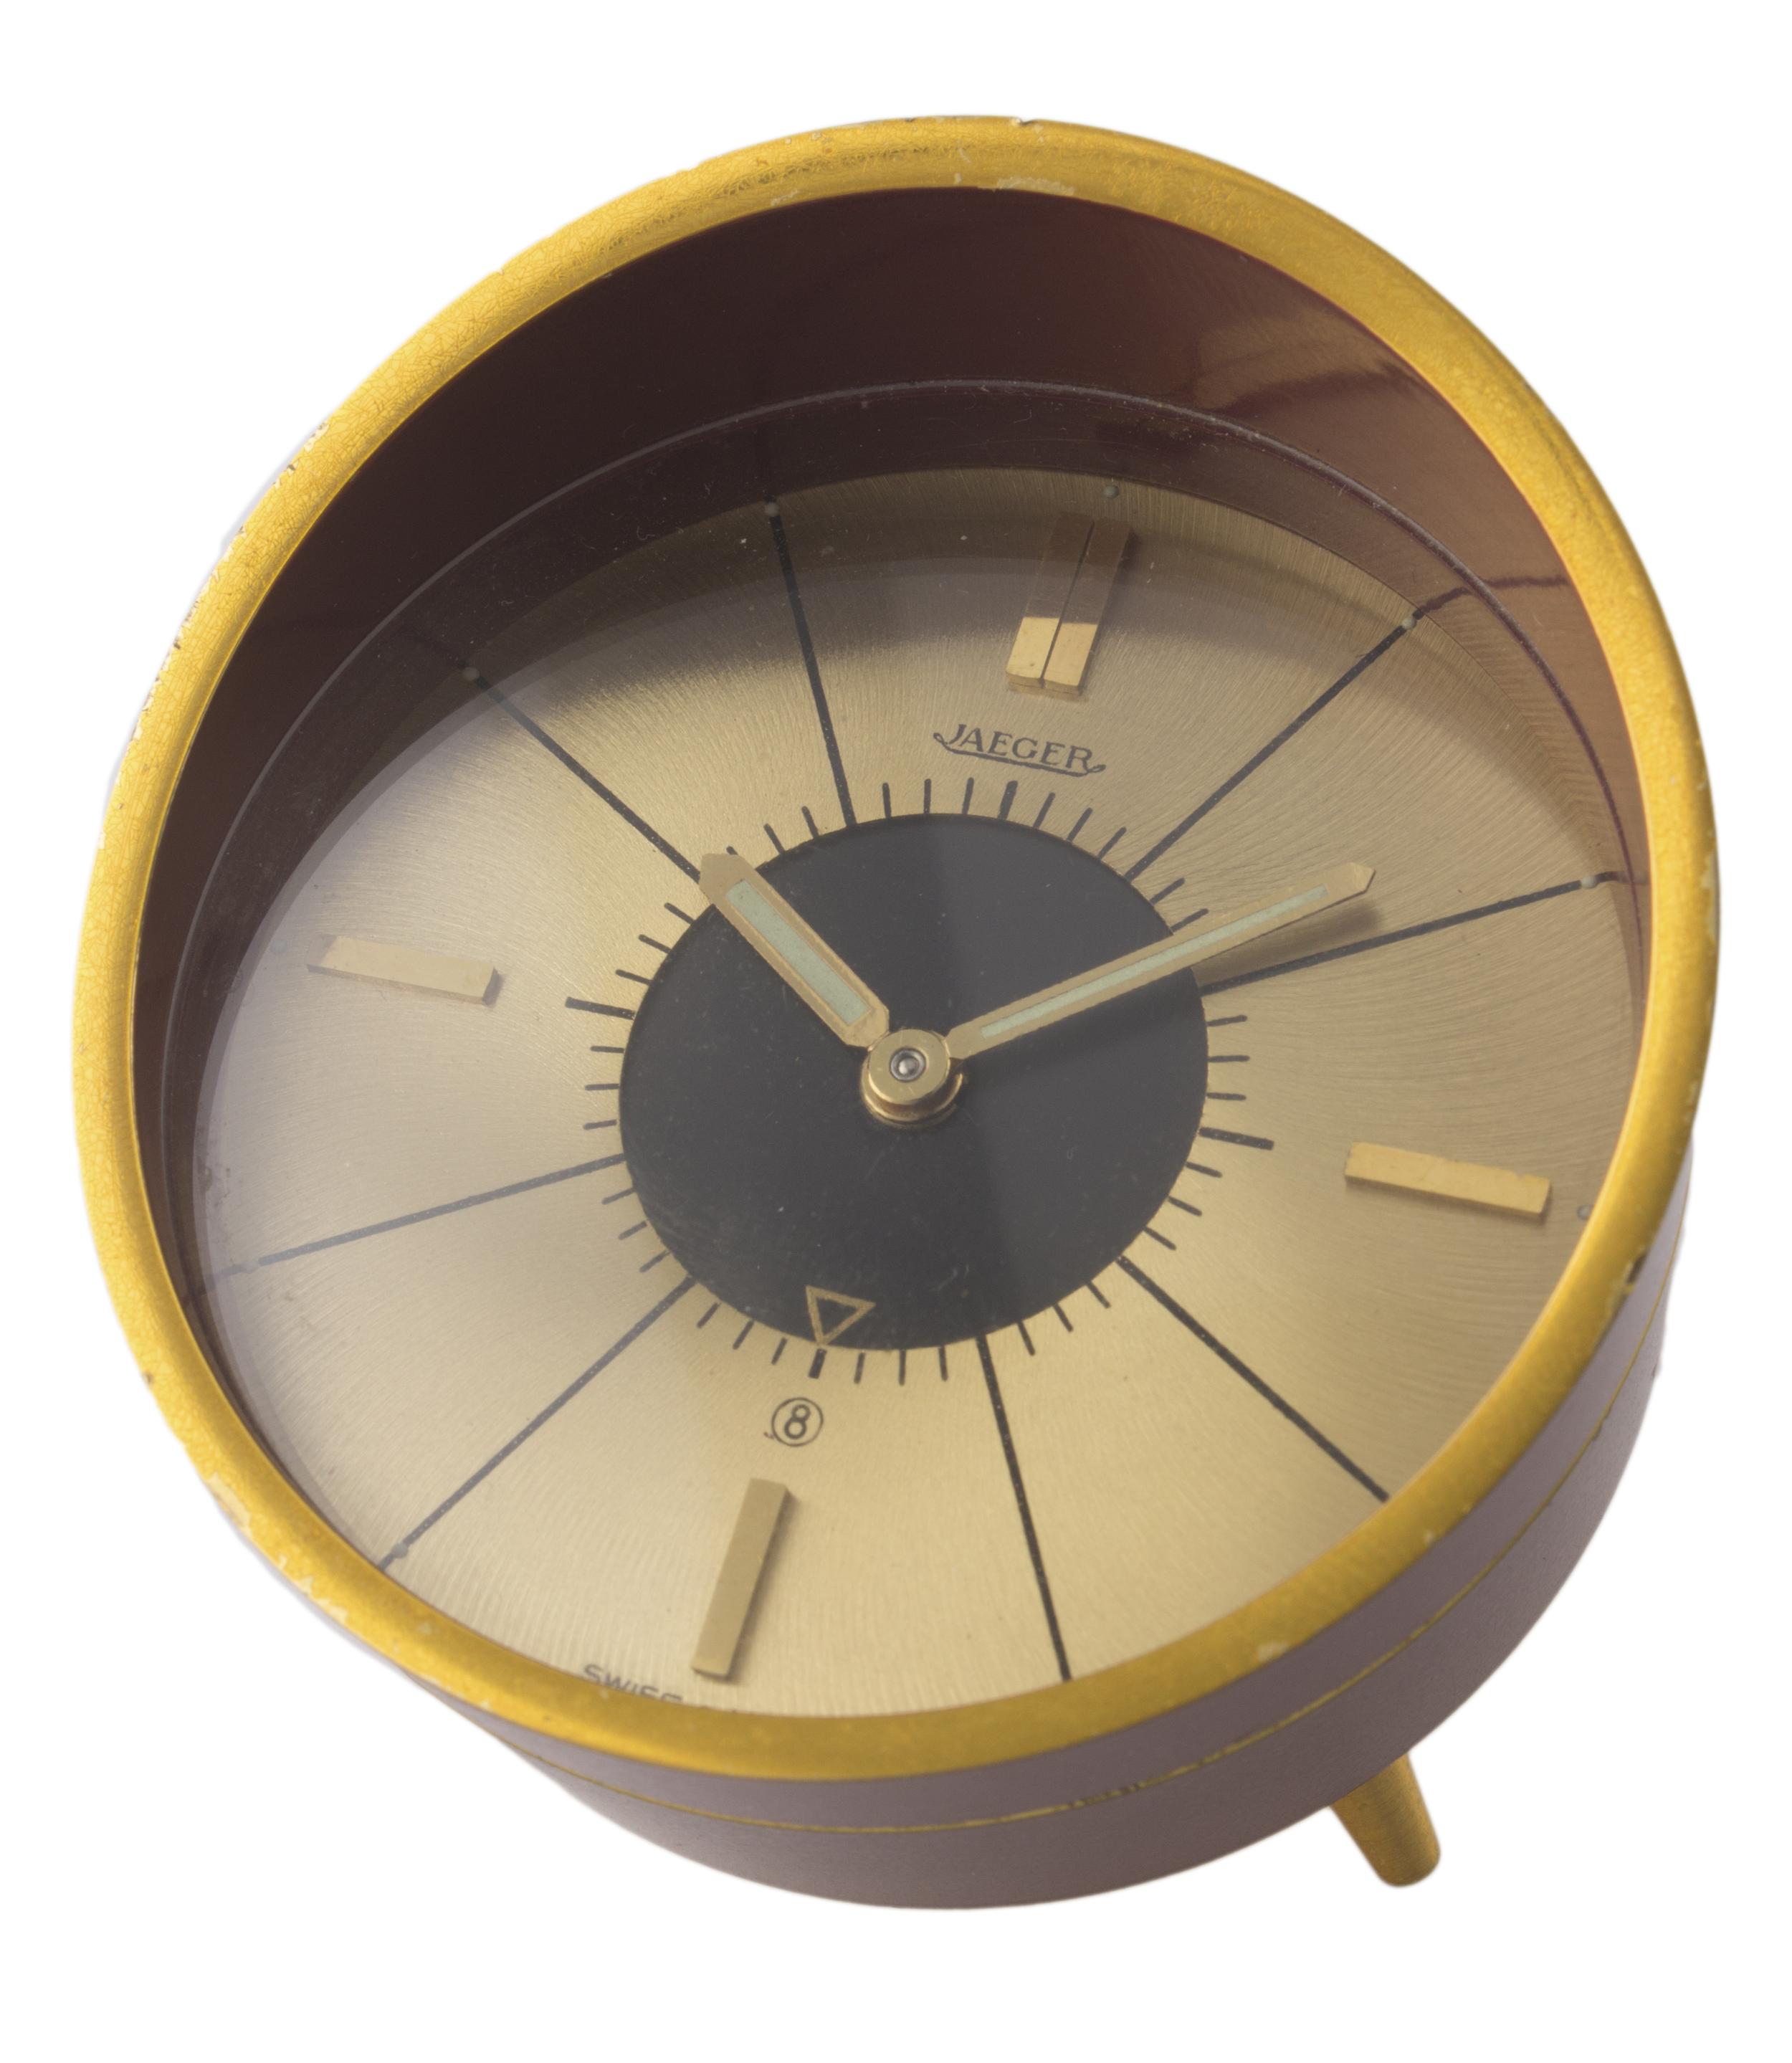 Lot 447 - Jaeger Le Coultre Space Age Desk Clock